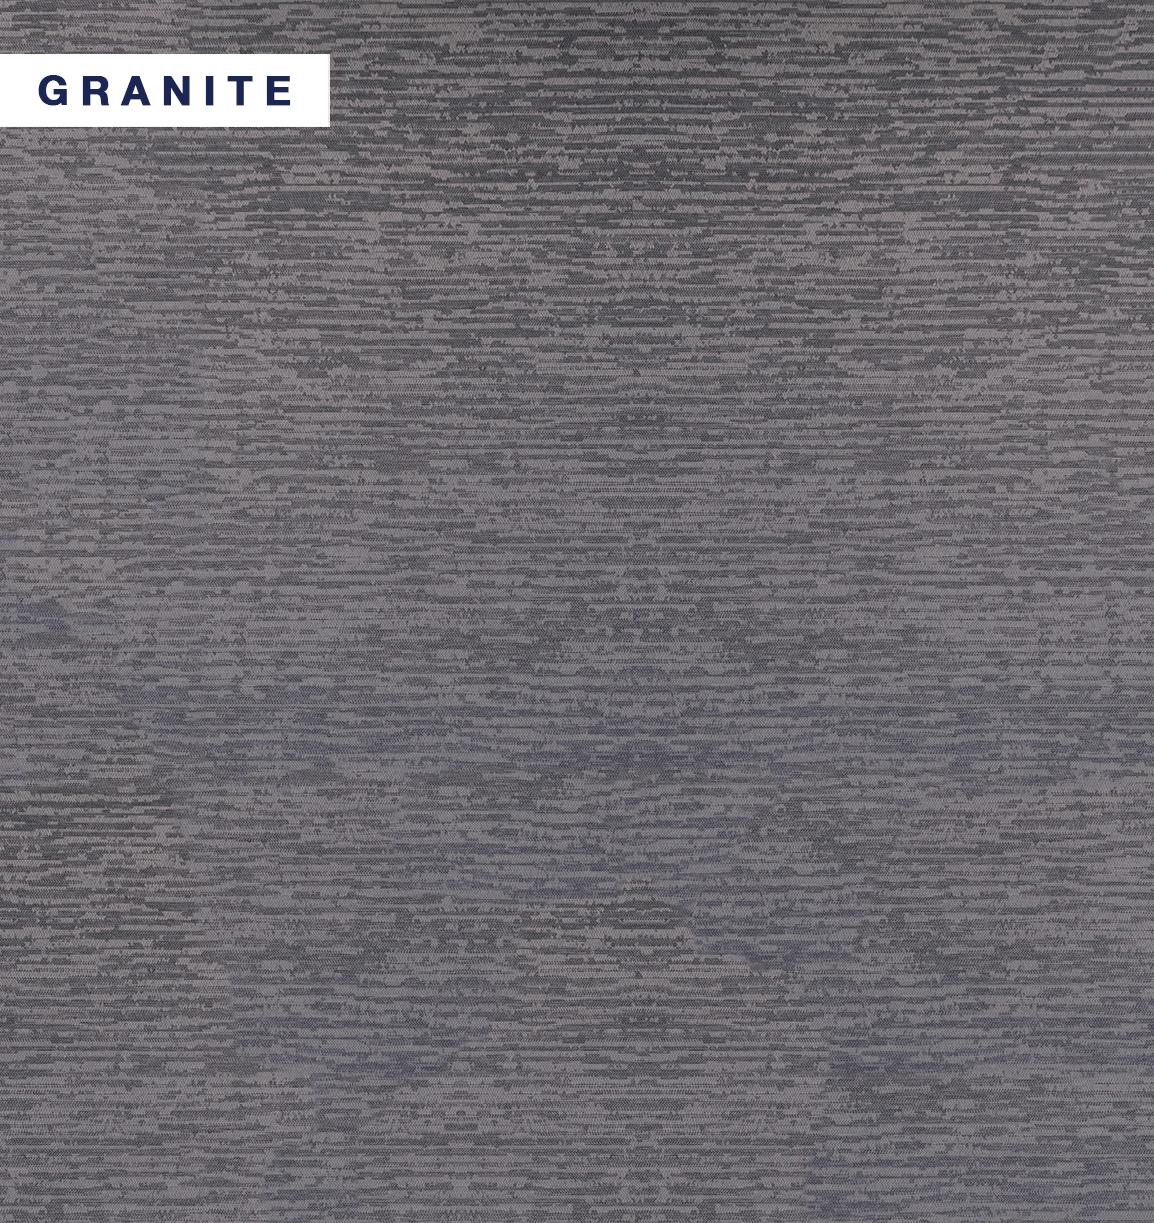 Fraser - Granite.jpg